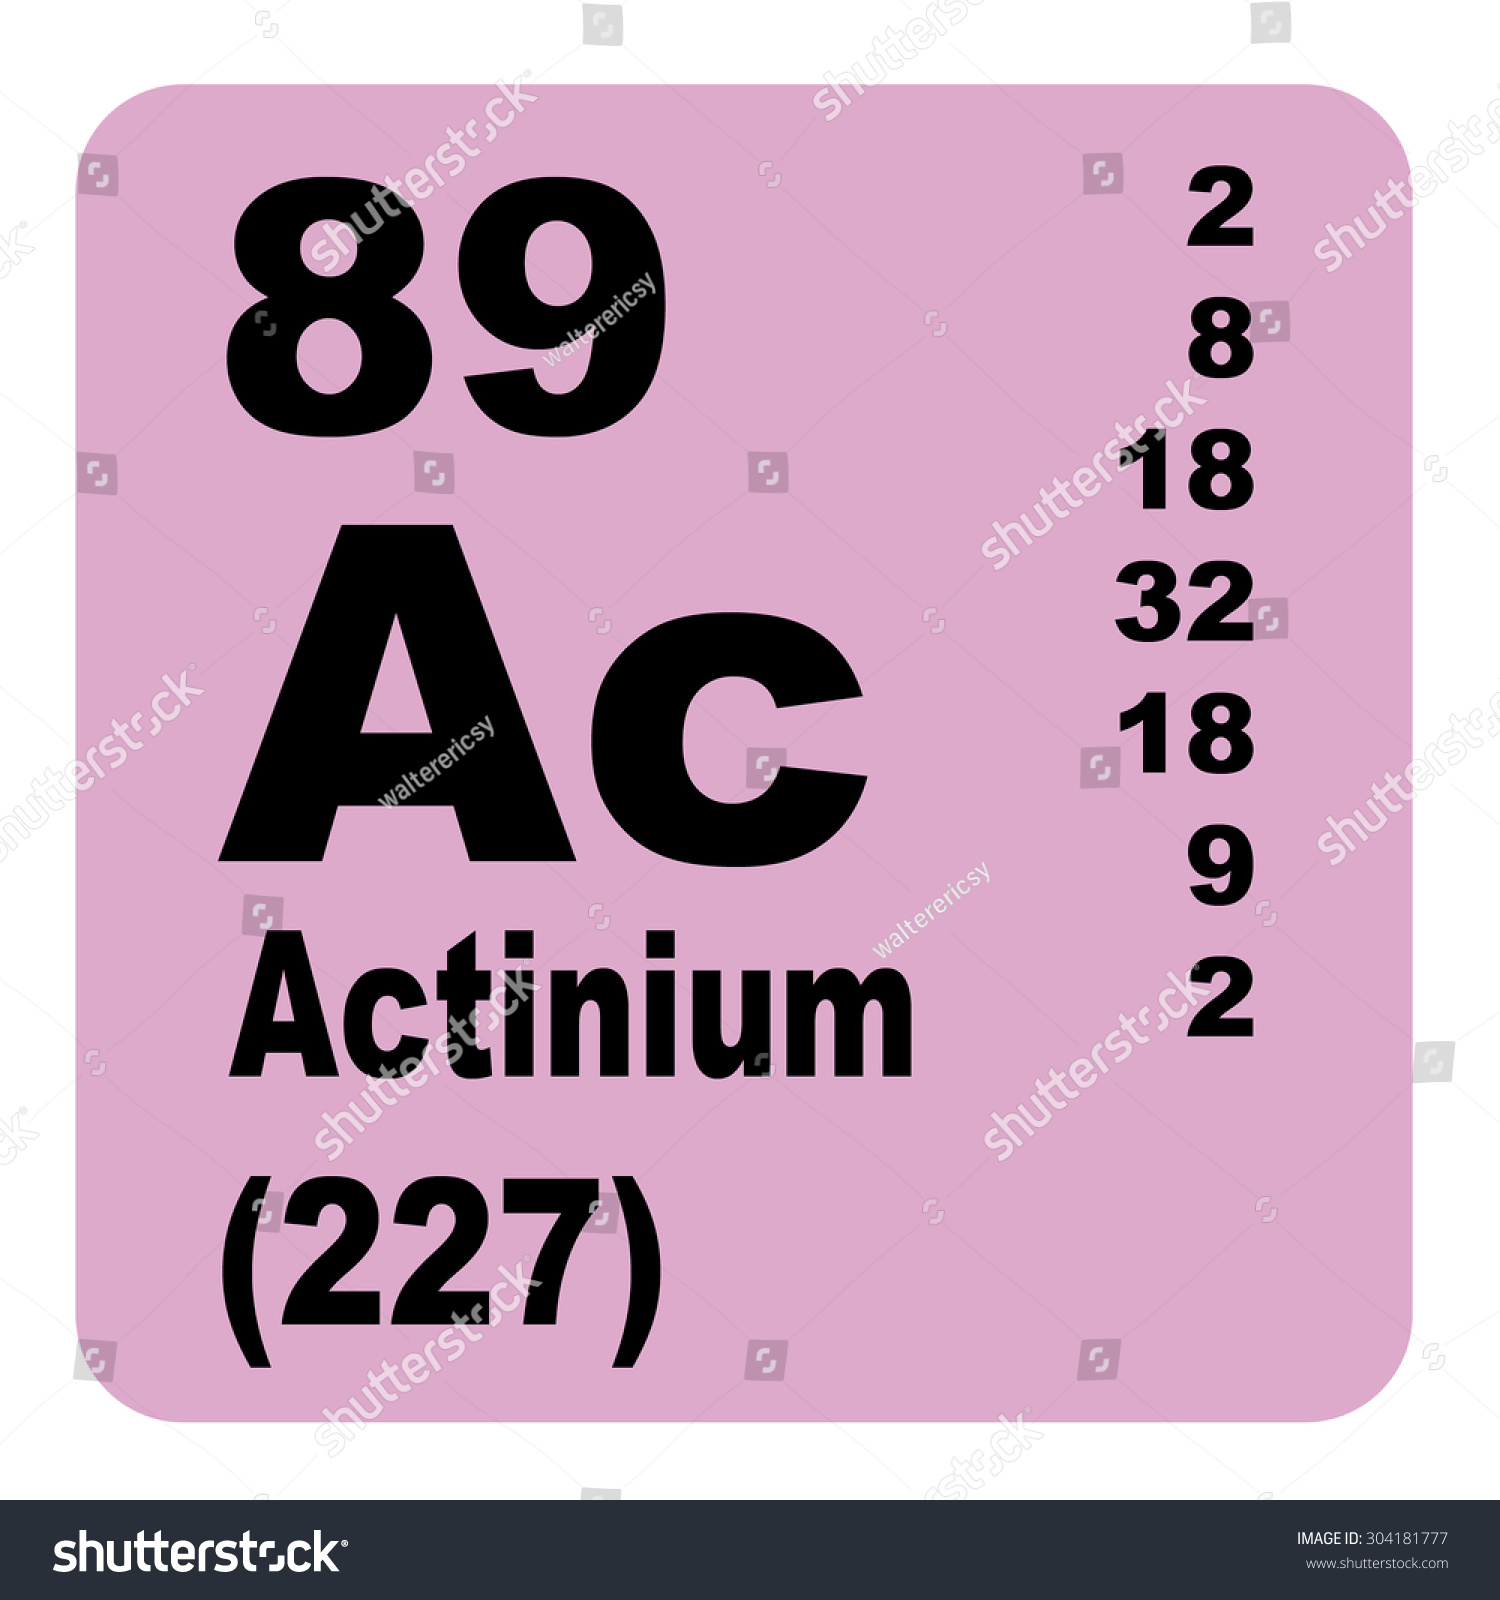 Aluminum element periodic table images periodic table images actinium periodic table elements stock illustration 304181777 actinium periodic table of elements gamestrikefo images gamestrikefo Image collections